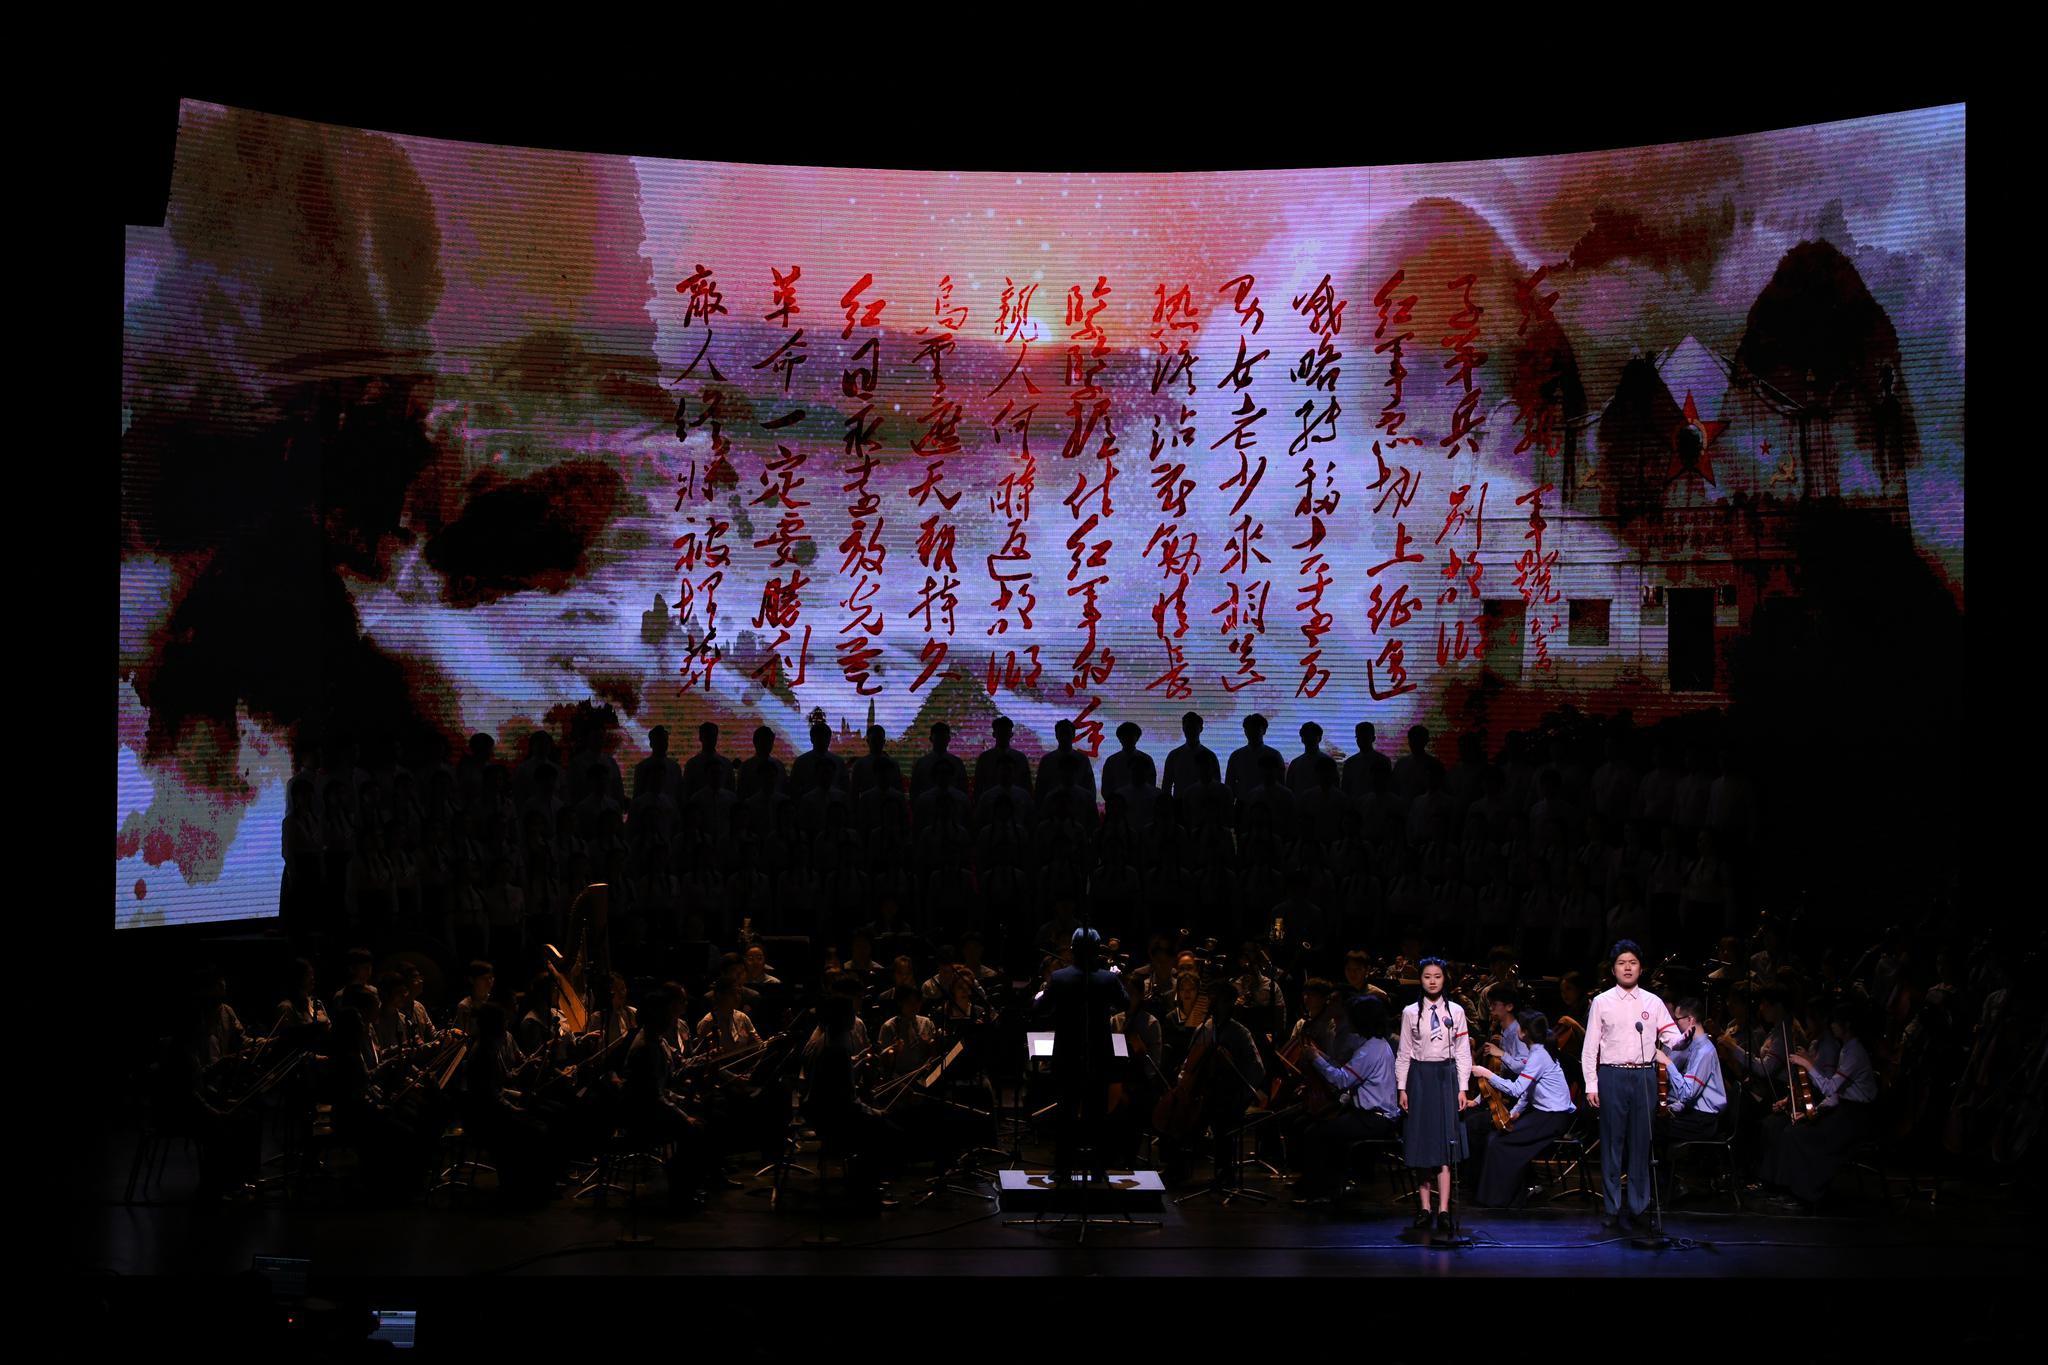 上海音乐学院再演《长征组歌》,校内公开选拔优秀学子献演